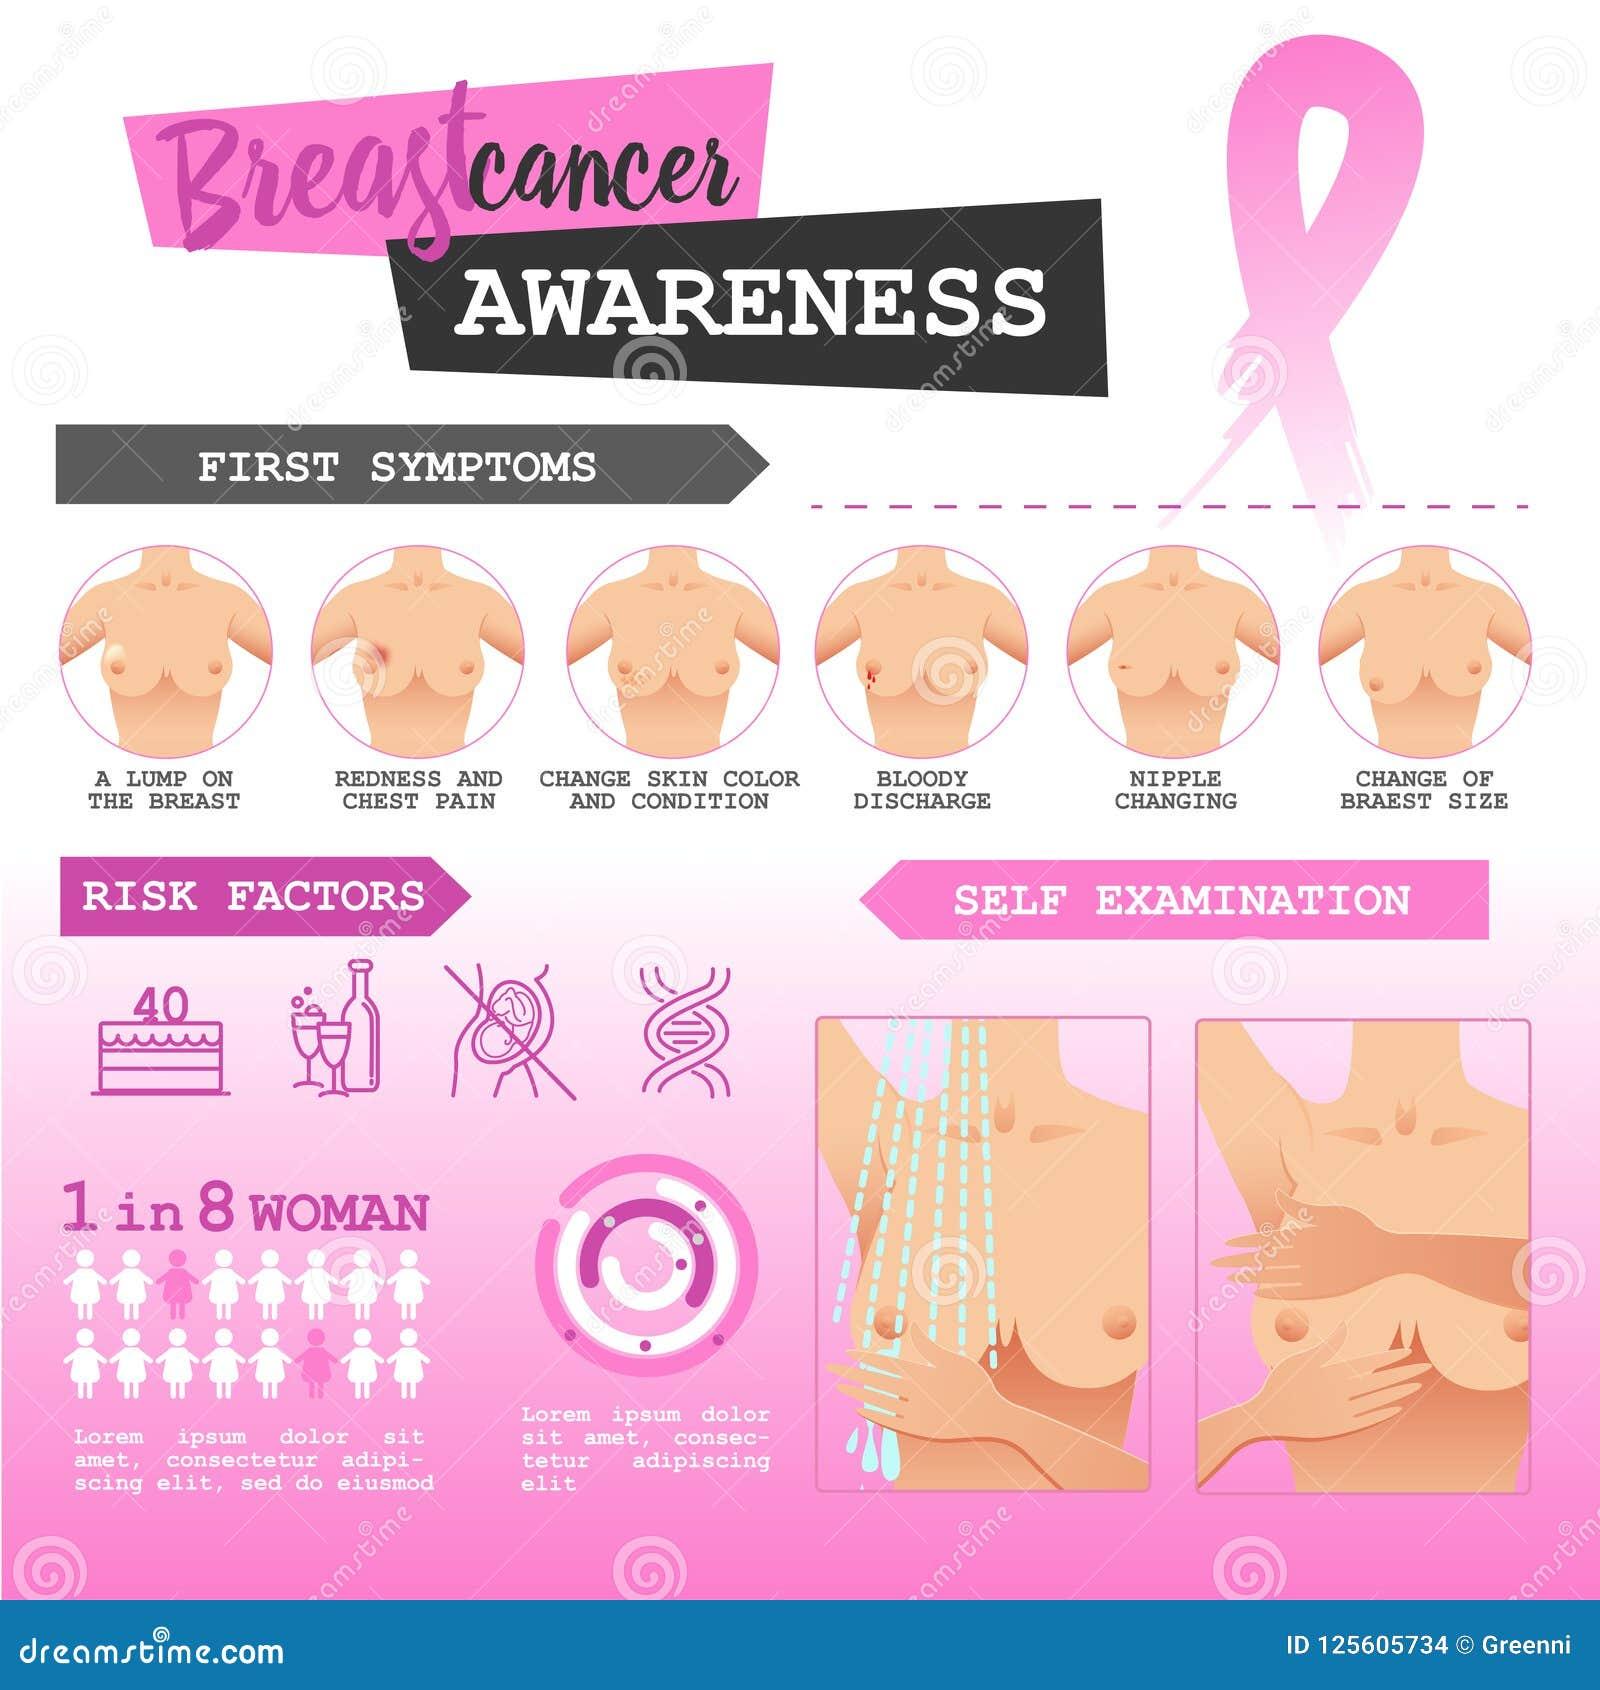 Breast self exam discharge